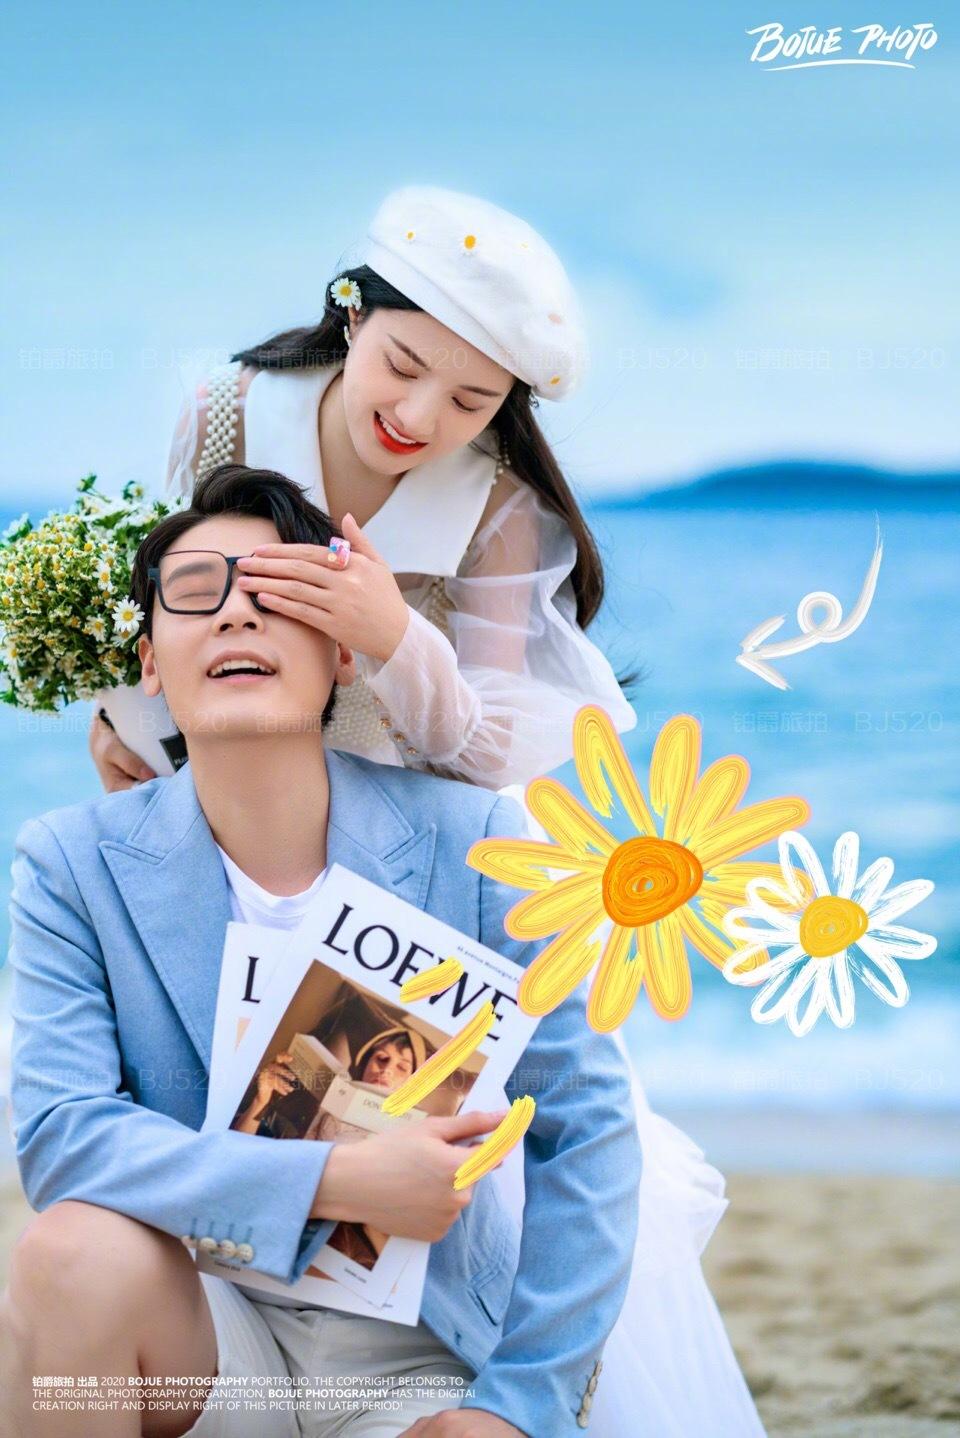 铂爵旅拍婚纱照 在深圳的大海边定格爱的纪念